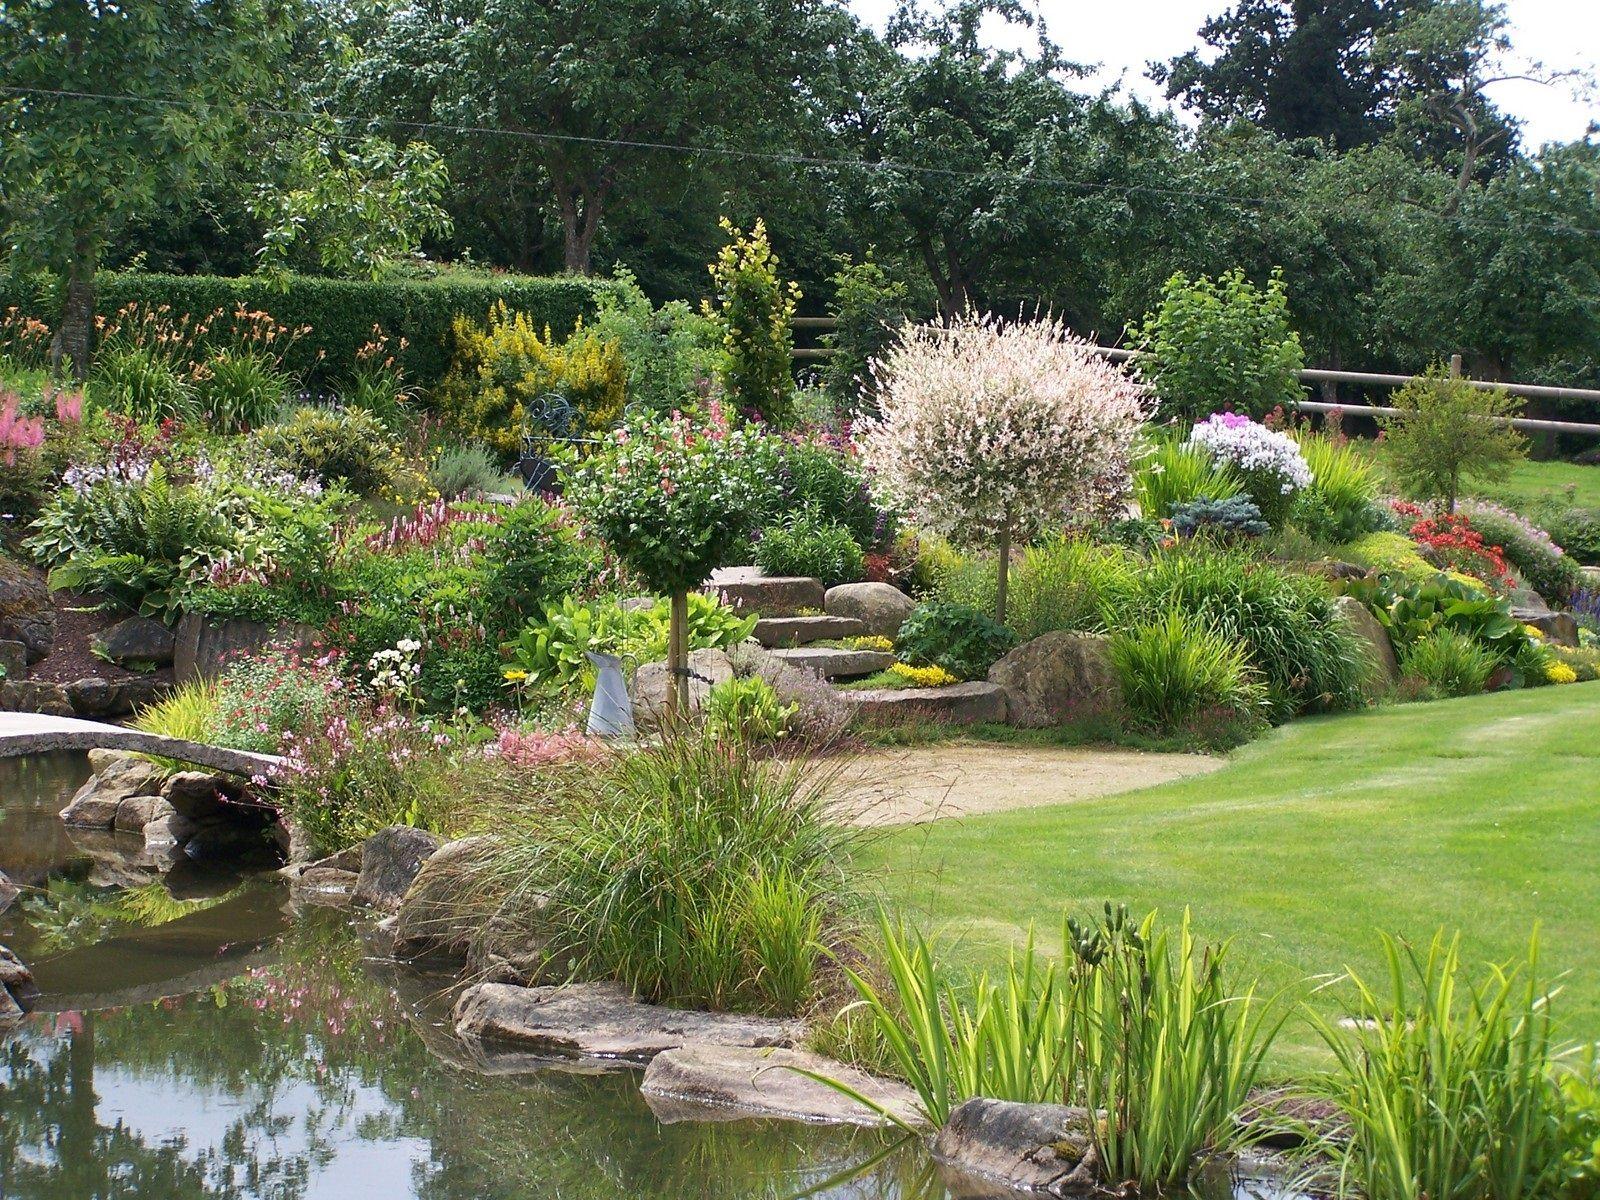 Quelles plantes et fleurs choisir pour cr er un beau jardin rapidement m6 jardins - Quelles plantes pour jardin zen ...